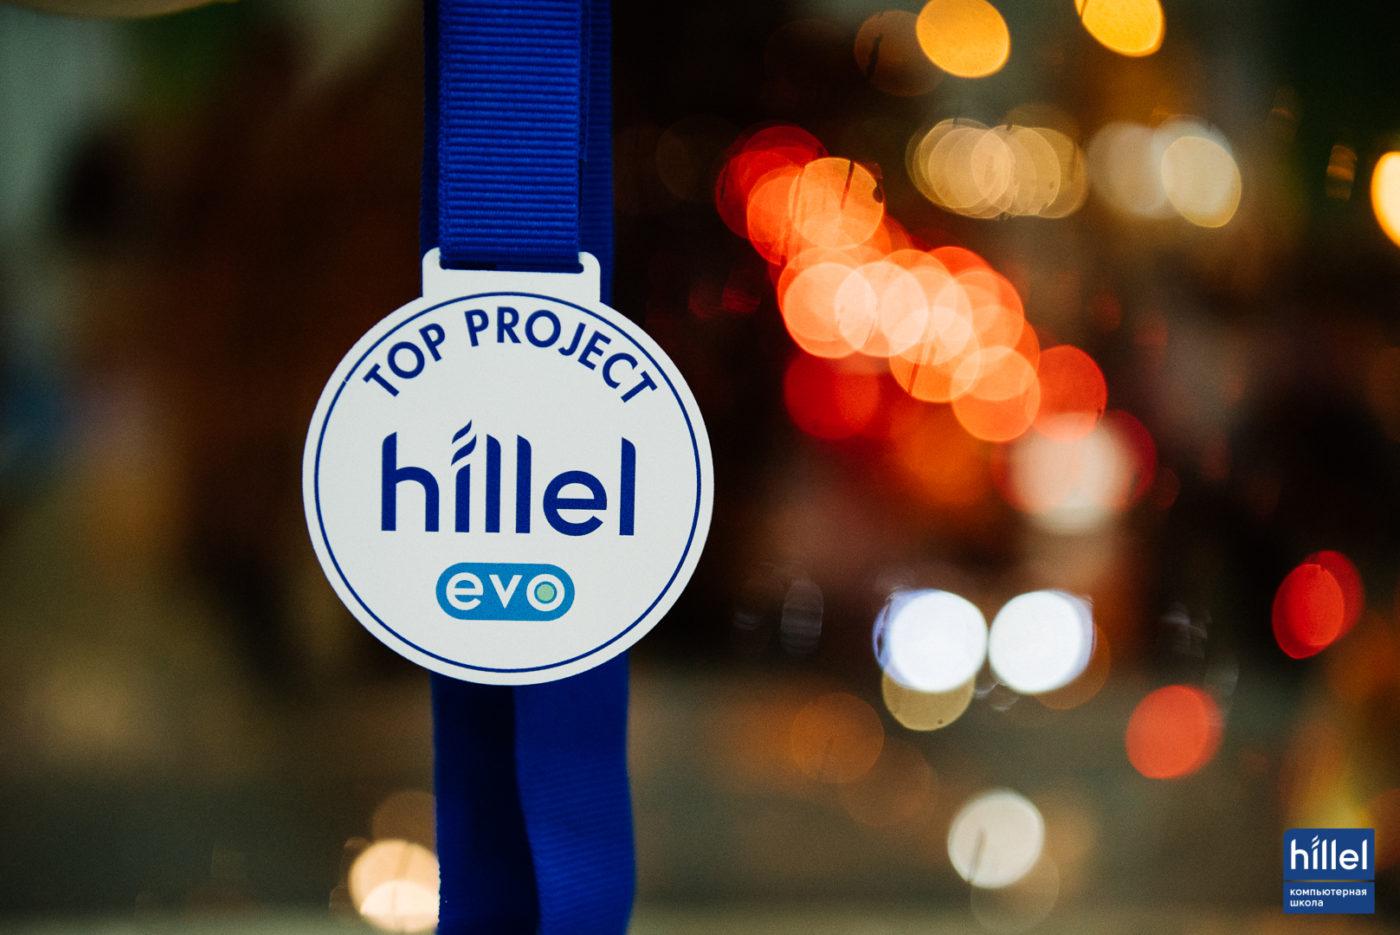 События: Приглашаем на презентацию рабочих прототипов второго цикла программы Hillel Evo в Киеве